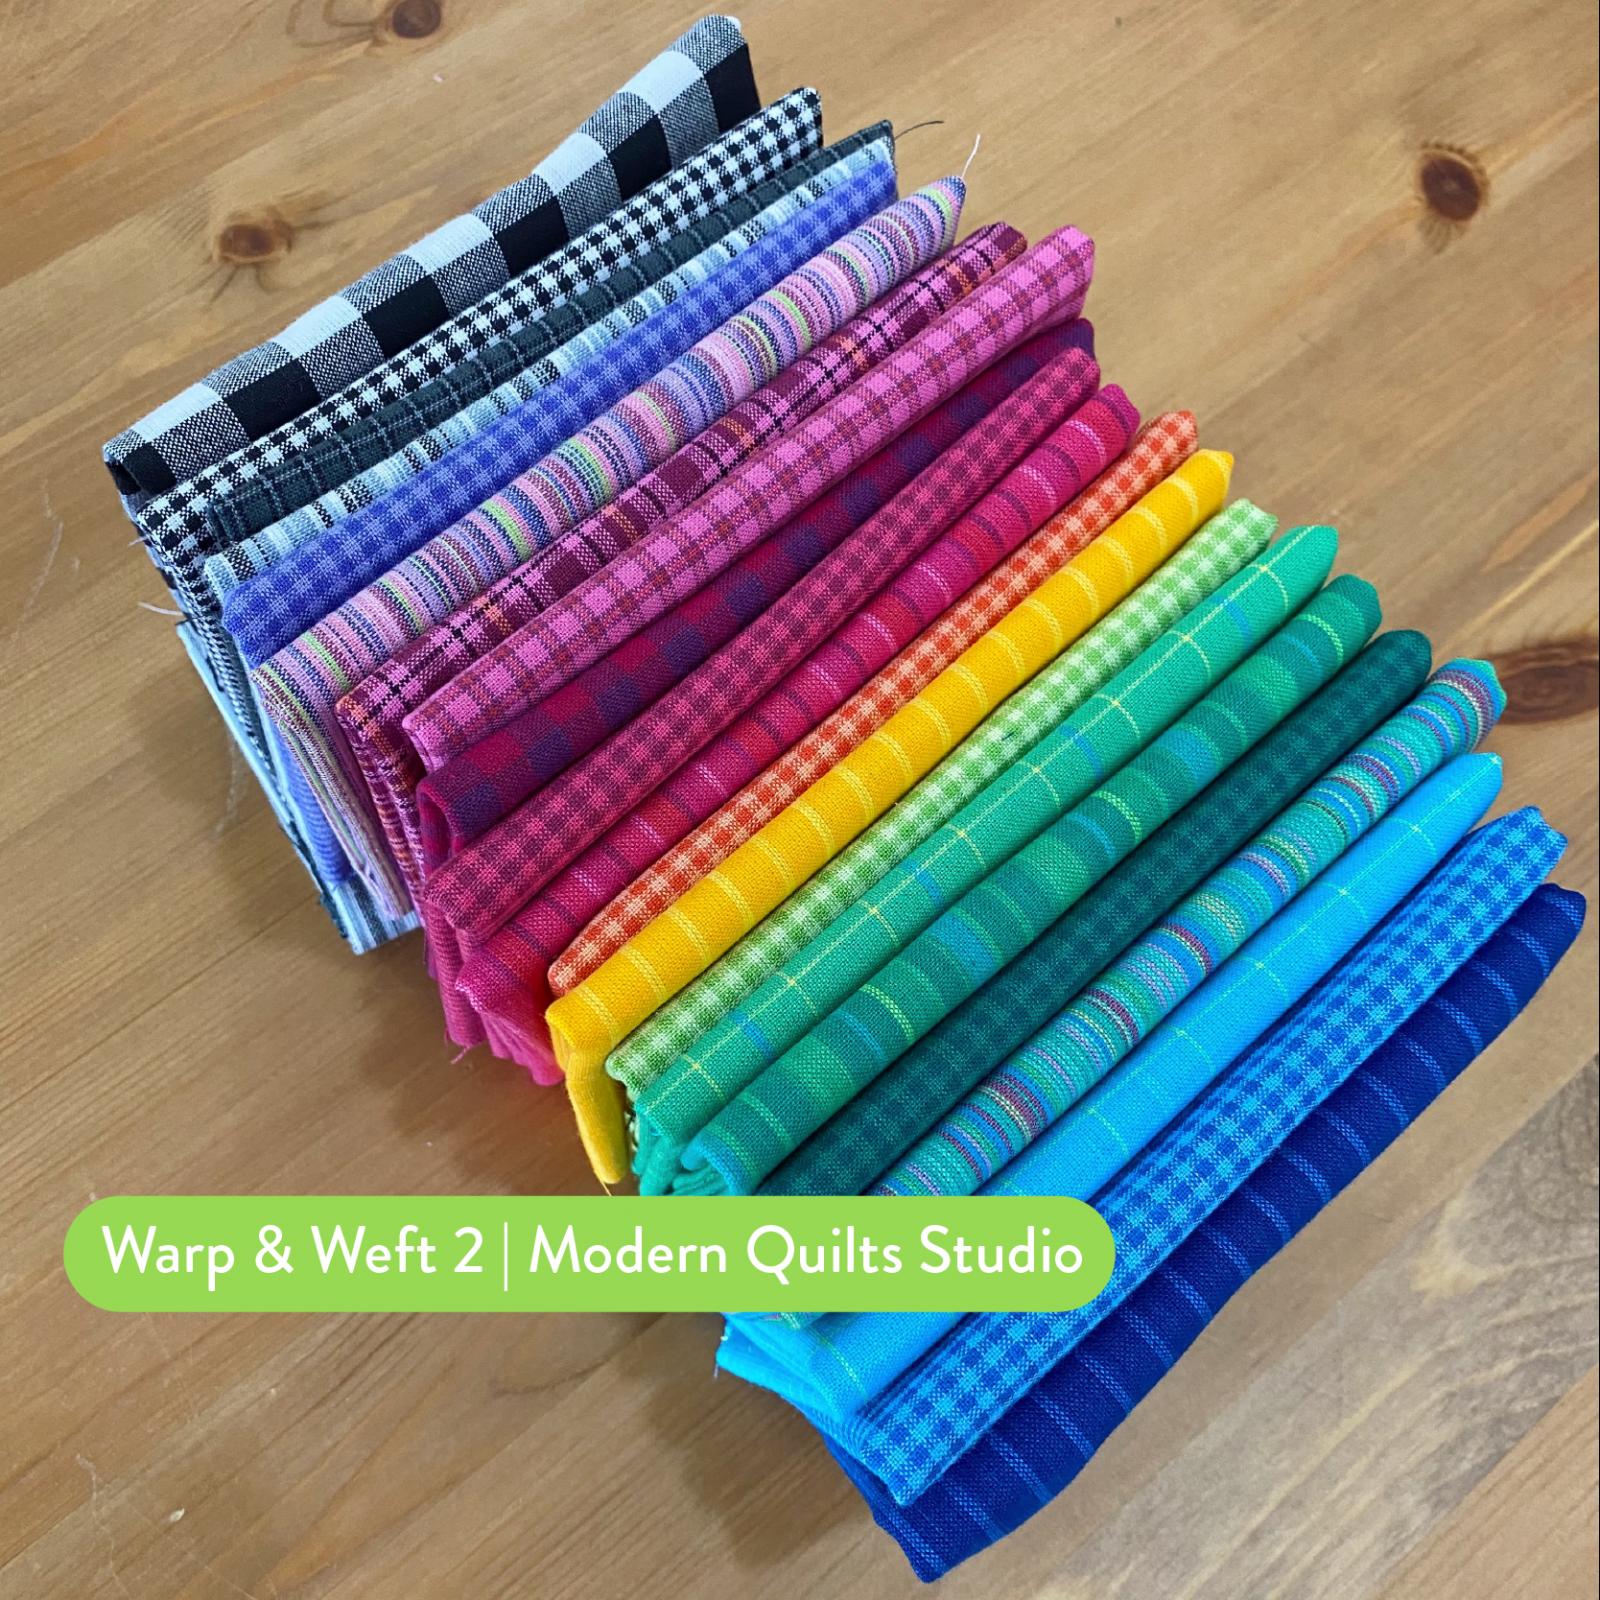 Warp & Weft 2 | FQ Bundle